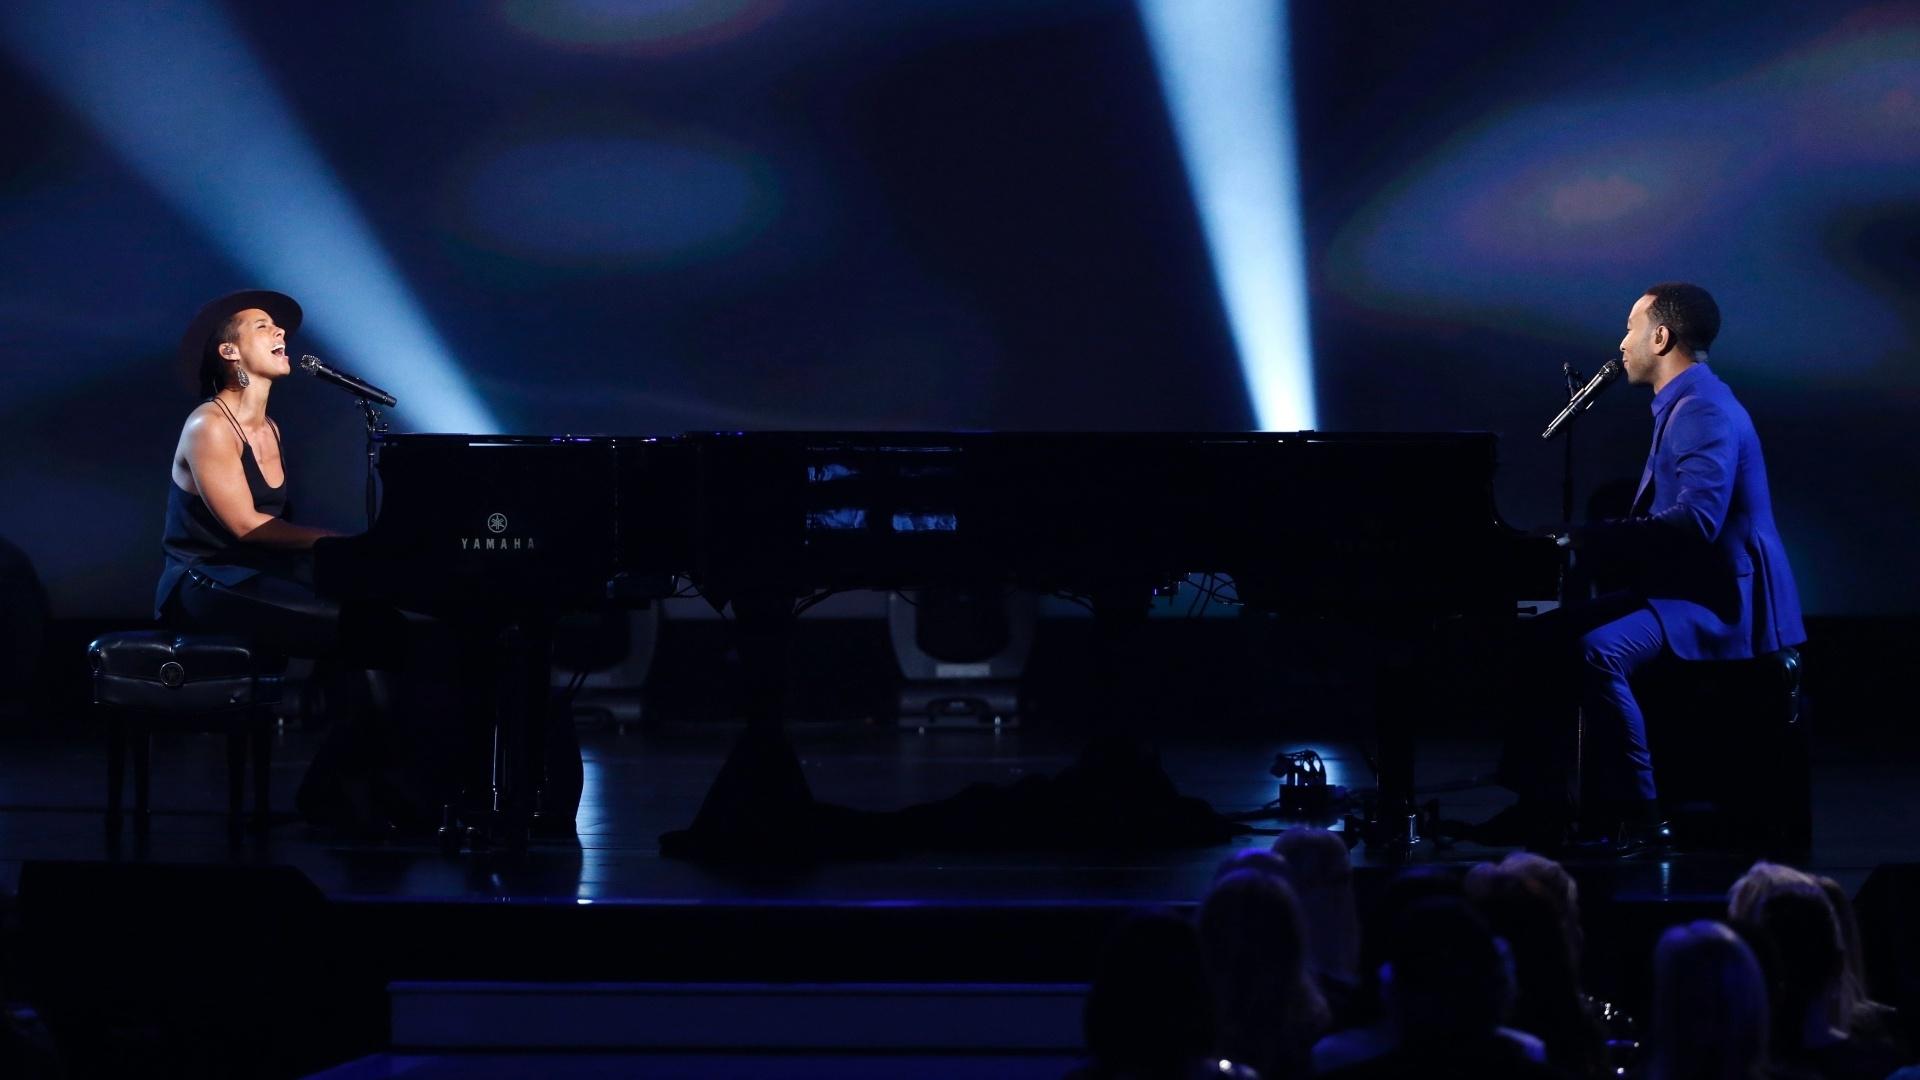 27.jan.2014 - A cantora Alicia Keys e o cantor John Legend participam da gravação do especial